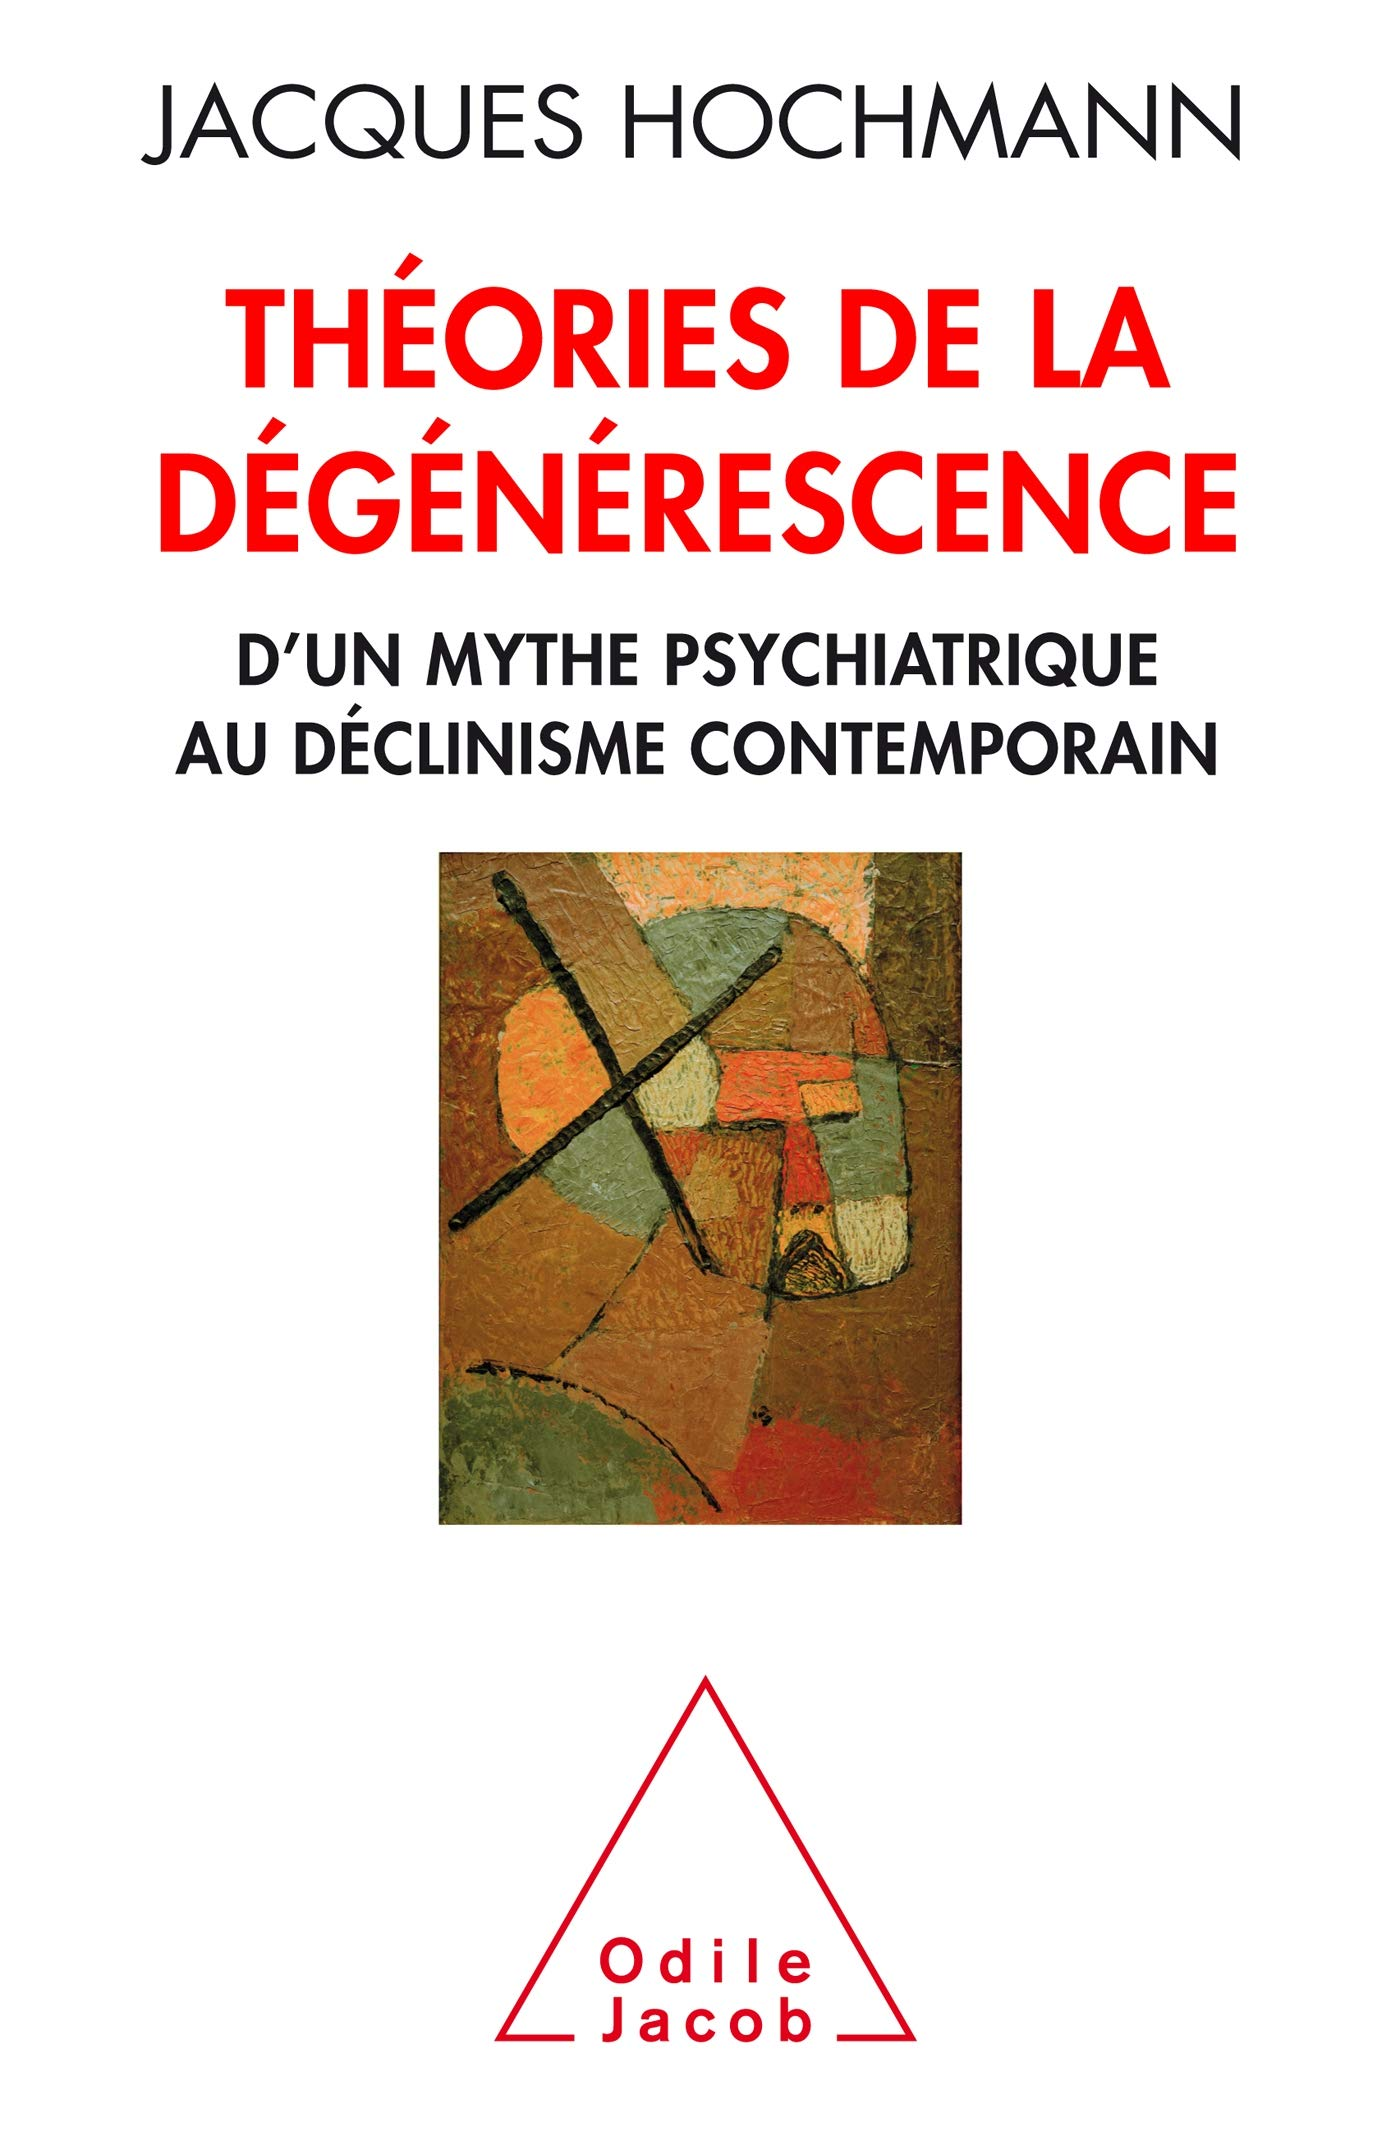 Théorie de la dégénérescence: Psychiatrie et histoire Broché – 17 octobre 2018 HOCHMANN Odile Jacob 273814358X Sociologie